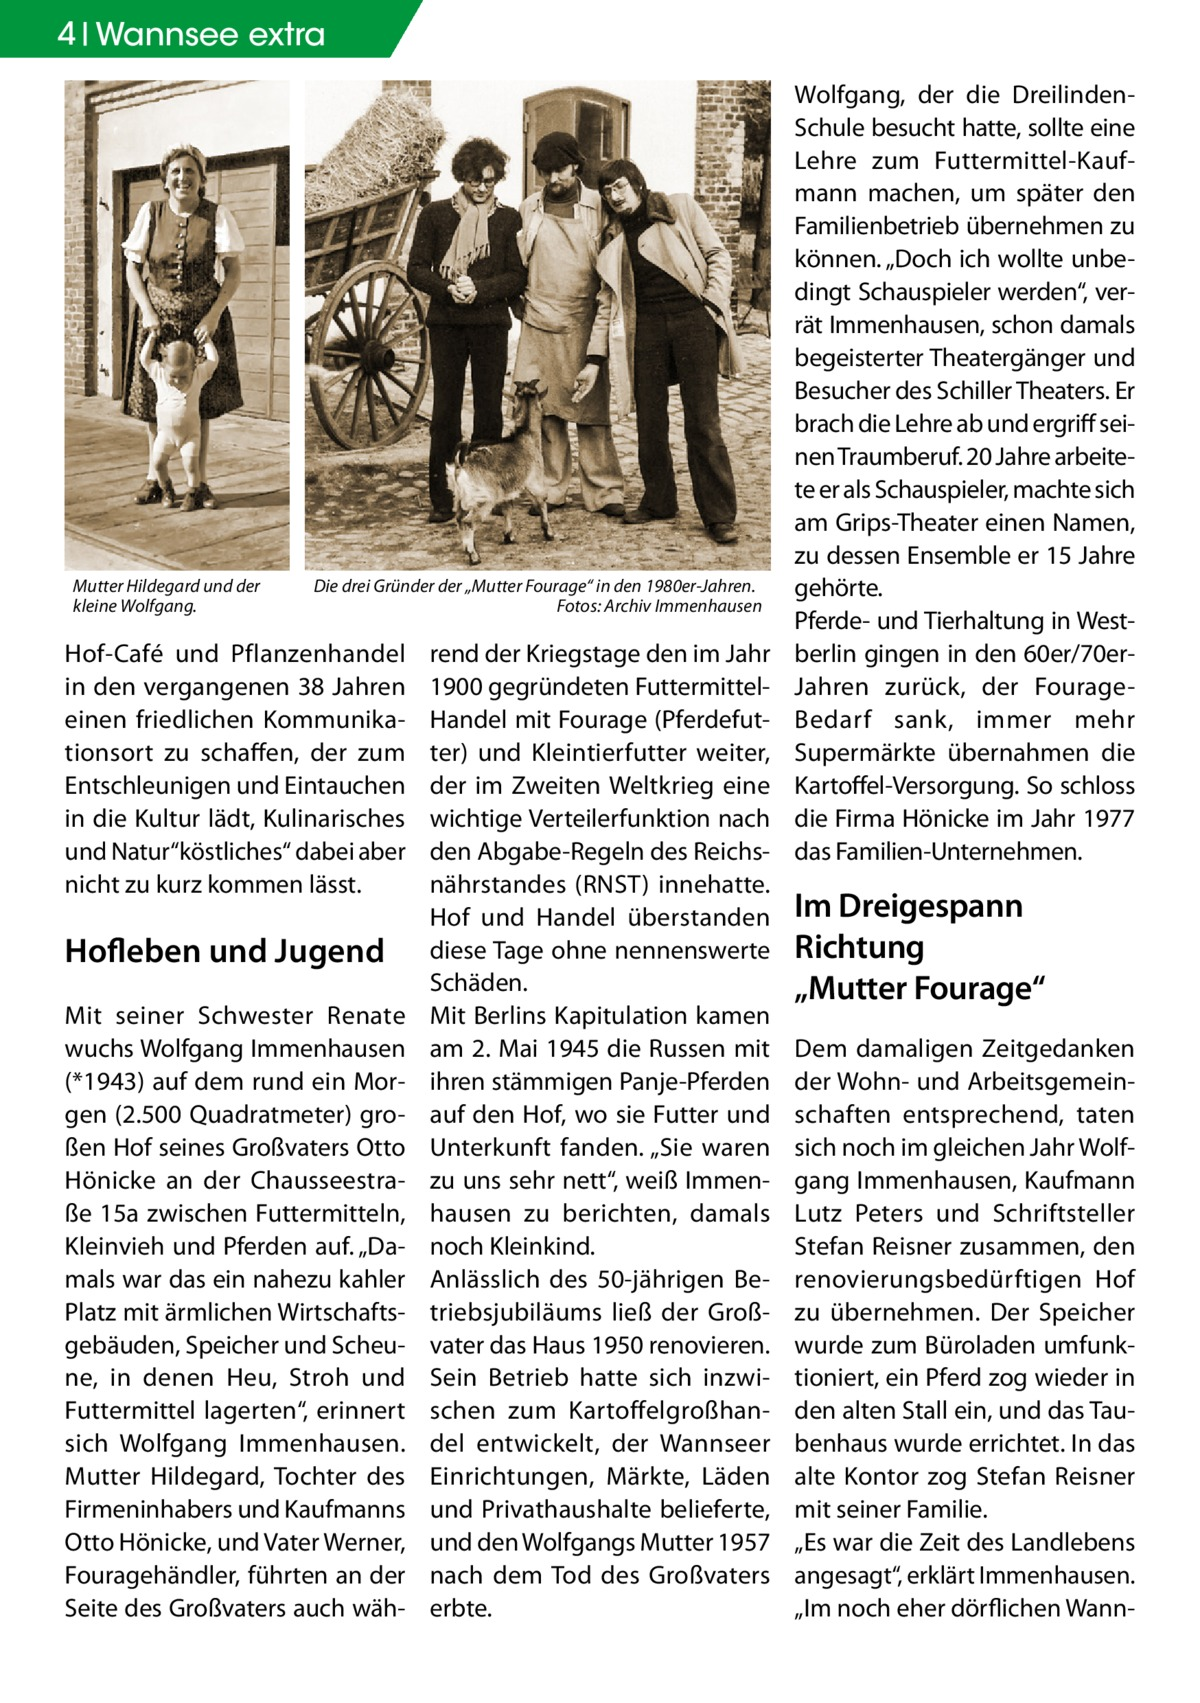 """4 Wannsee extra  Mutter Hildegard und der kleine Wolfgang.  Die drei Gründer der """"Mutter Fourage"""" in den 1980er-Jahren. � Fotos: Archiv Immenhausen  Hof-Café und Pflanzenhandel in den vergangenen 38Jahren einen friedlichen Kommunikationsort zu schaffen, der zum Entschleunigen und Eintauchen in die Kultur lädt, Kulinarisches und Natur""""köstliches"""" dabei aber nicht zu kurz kommen lässt.  Hofleben und Jugend Mit seiner Schwester Renate wuchs Wolfgang Immenhausen (*1943) auf dem rund ein Morgen (2.500 Quadratmeter) großen Hof seines Großvaters Otto Hönicke an der Chausseestraße15a zwischen Futtermitteln, Kleinvieh und Pferden auf. """"Damals war das ein nahezu kahler Platz mit ärmlichen Wirtschaftsgebäuden, Speicher und Scheune, in denen Heu, Stroh und Futtermittel lagerten"""", erinnert sich Wolfgang Immenhausen. Mutter Hildegard, Tochter des Firmeninhabers und Kaufmanns Otto Hönicke, und Vater Werner, Fouragehändler, führten an der Seite des Großvaters auch wäh rend der Kriegstage den im Jahr 1900 gegründeten FuttermittelHandel mit Fourage (Pferdefutter) und Kleintierfutter weiter, der im Zweiten Weltkrieg eine wichtige Verteilerfunktion nach den Abgabe-Regeln des Reichsnährstandes (RNST) innehatte. Hof und Handel überstanden diese Tage ohne nennenswerte Schäden. Mit Berlins Kapitulation kamen am 2.Mai 1945 die Russen mit ihren stämmigen Panje-Pferden auf den Hof, wo sie Futter und Unterkunft fanden. """"Sie waren zu uns sehr nett"""", weiß Immenhausen zu berichten, damals noch Kleinkind. Anlässlich des 50-jährigen Betriebsjubiläums ließ der Großvater das Haus 1950 renovieren. Sein Betrieb hatte sich inzwischen zum Kartoffelgroßhandel entwickelt, der Wannseer Einrichtungen, Märkte, Läden und Privathaushalte belieferte, und den Wolfgangs Mutter 1957 nach dem Tod des Großvaters erbte.  Wolfgang, der die DreilindenSchule besucht hatte, sollte eine Lehre zum Futtermittel-Kaufmann machen, um später den Familienbetrieb übernehmen zu können. """"Doch ich wollte unbedingt Schauspieler werden"""